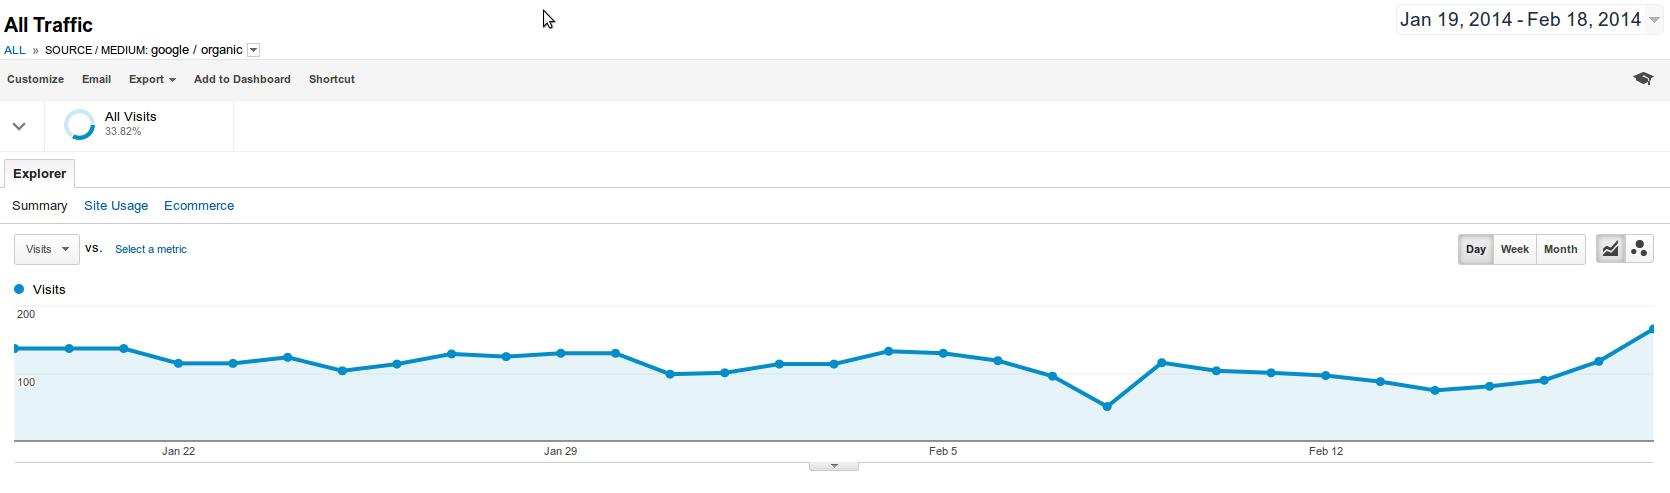 google-update-2014-02-webseite-1